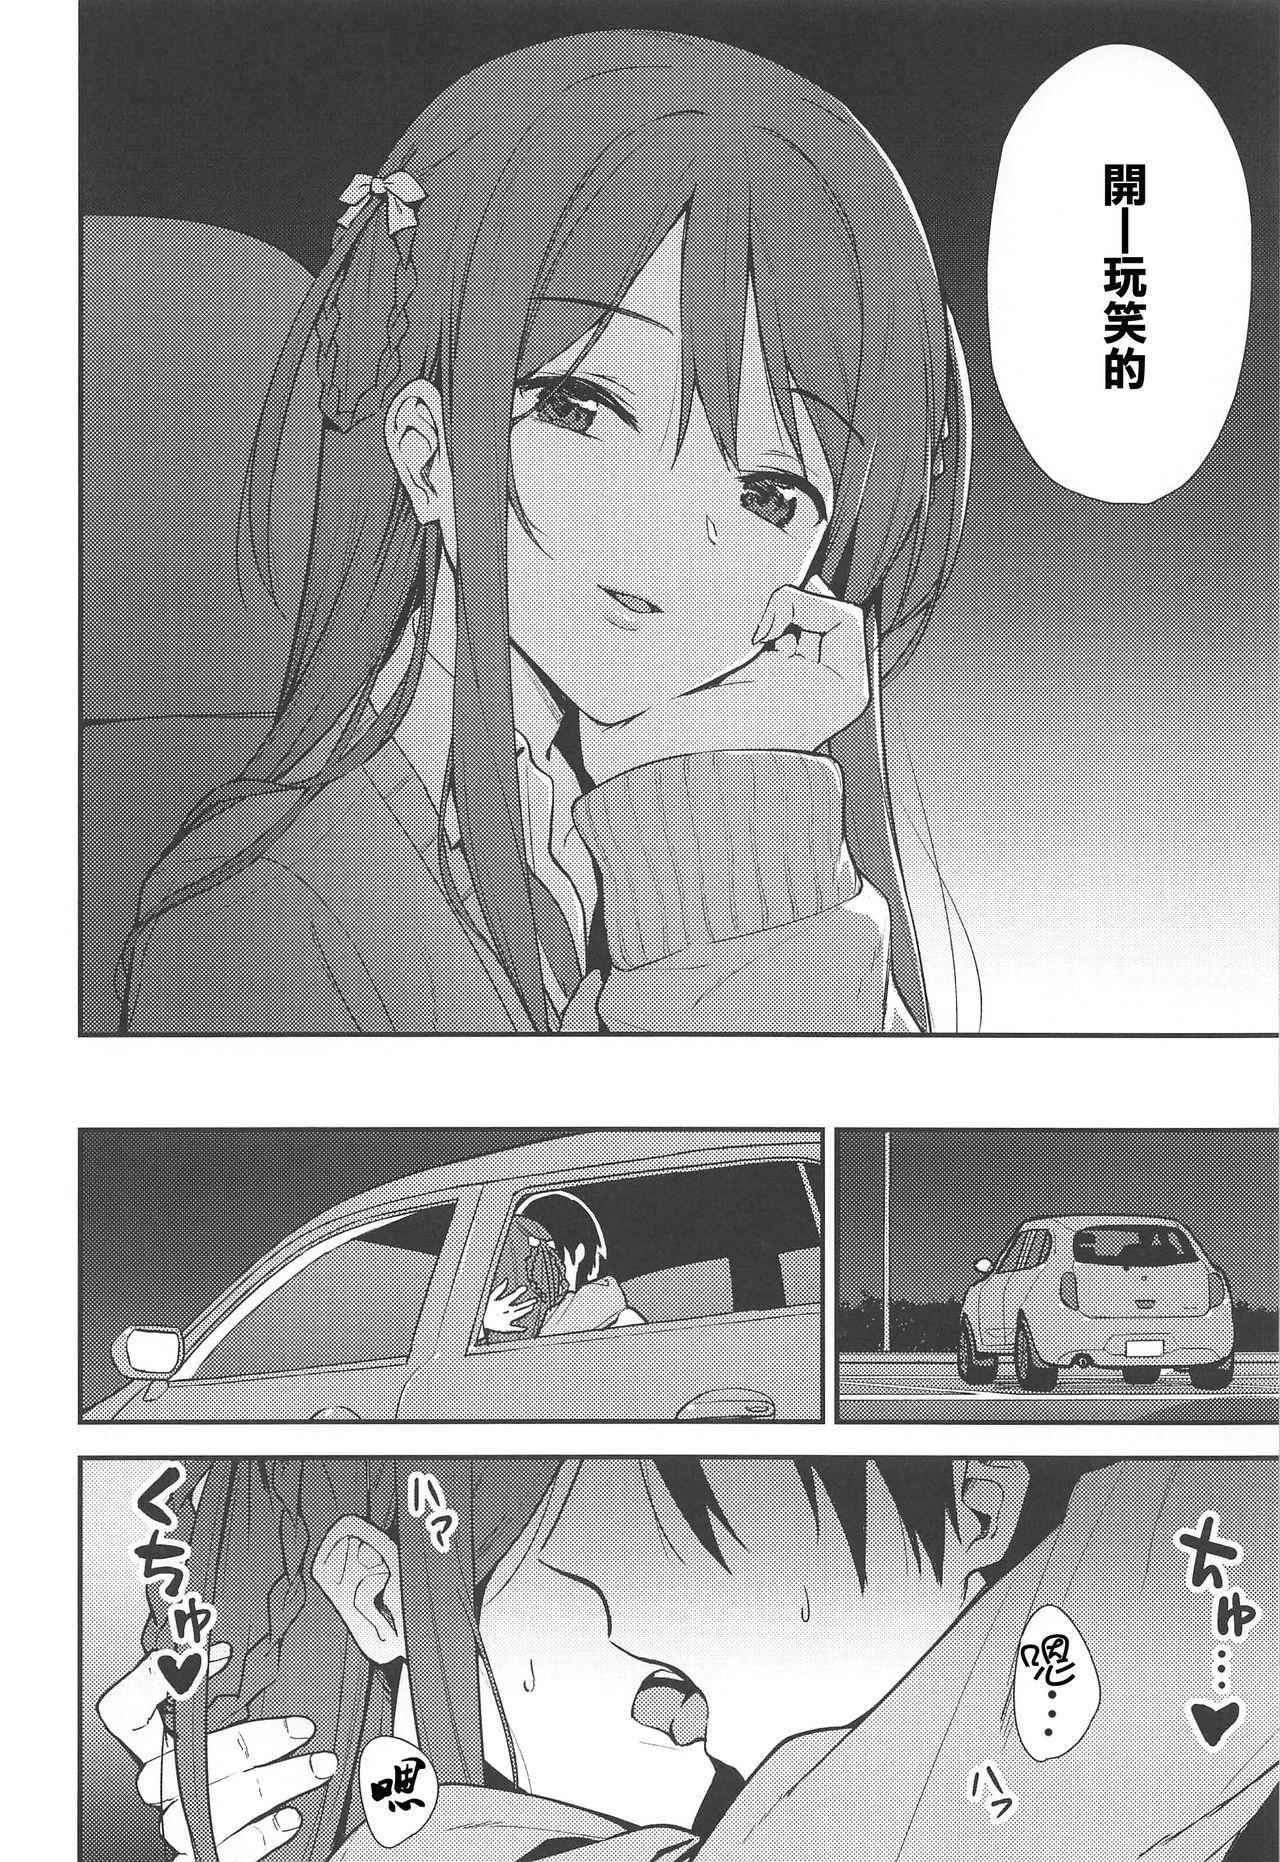 Futashika na Seishun - Uncertain youth 7